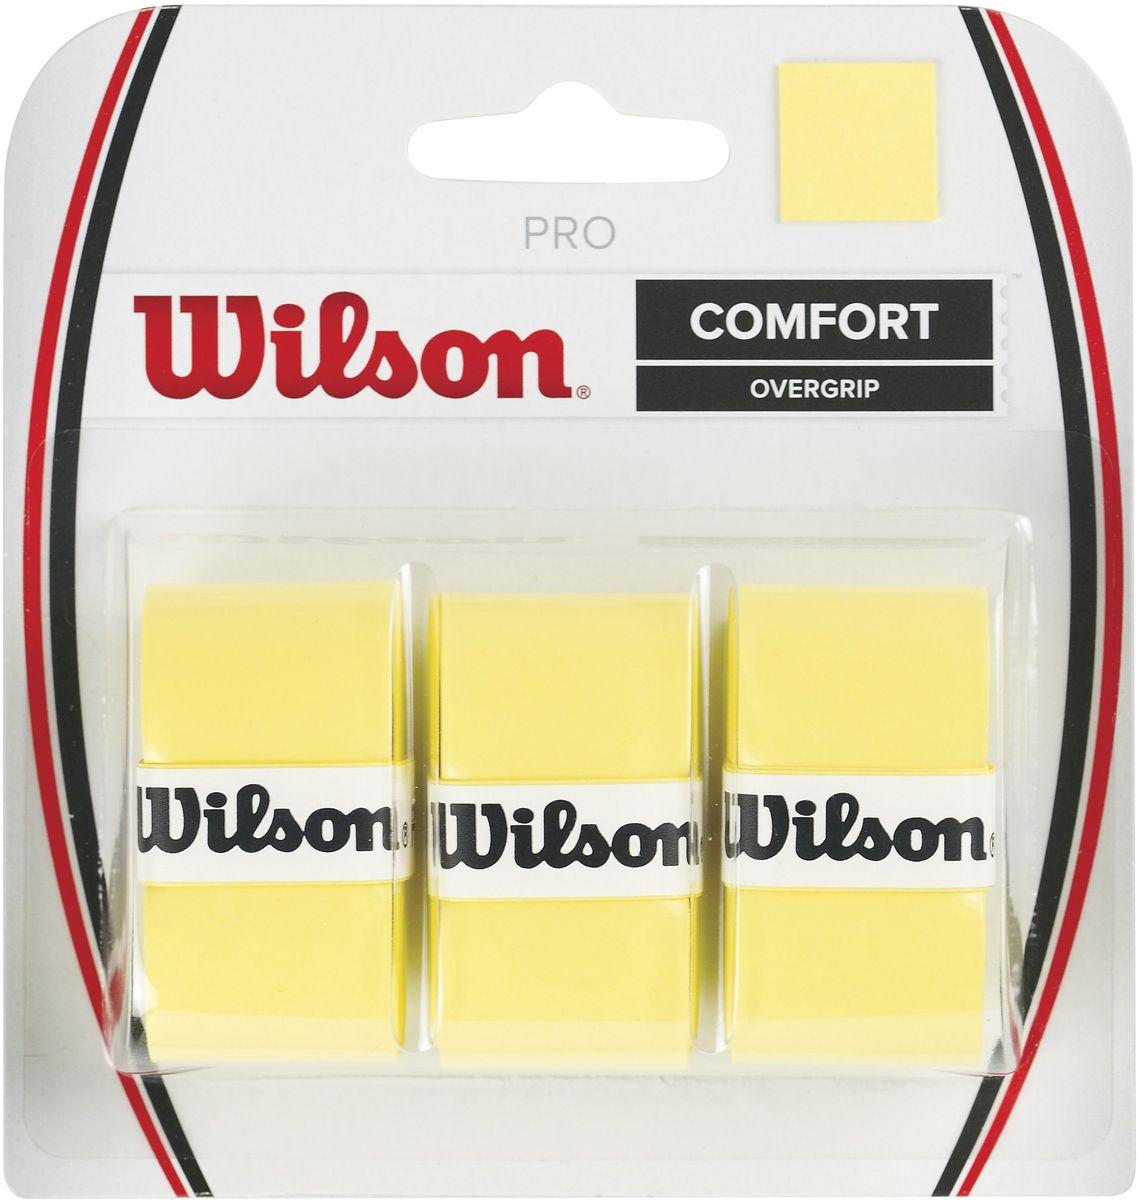 Намотка Wilson Pro Overgrip, цвет: желтый, 3 штWRZ4014YEНамотка Wilson Pro Overgrip -это универсальная эффективность и превосходная чувствительность, которую предпочитают профессионалы. Это самый популярный овергрип в мире. Используют Роджер Федерер, Серена Уильямс и многие другие.В упаковке: 3 штукиТолщина оболочки: 0,6 мм